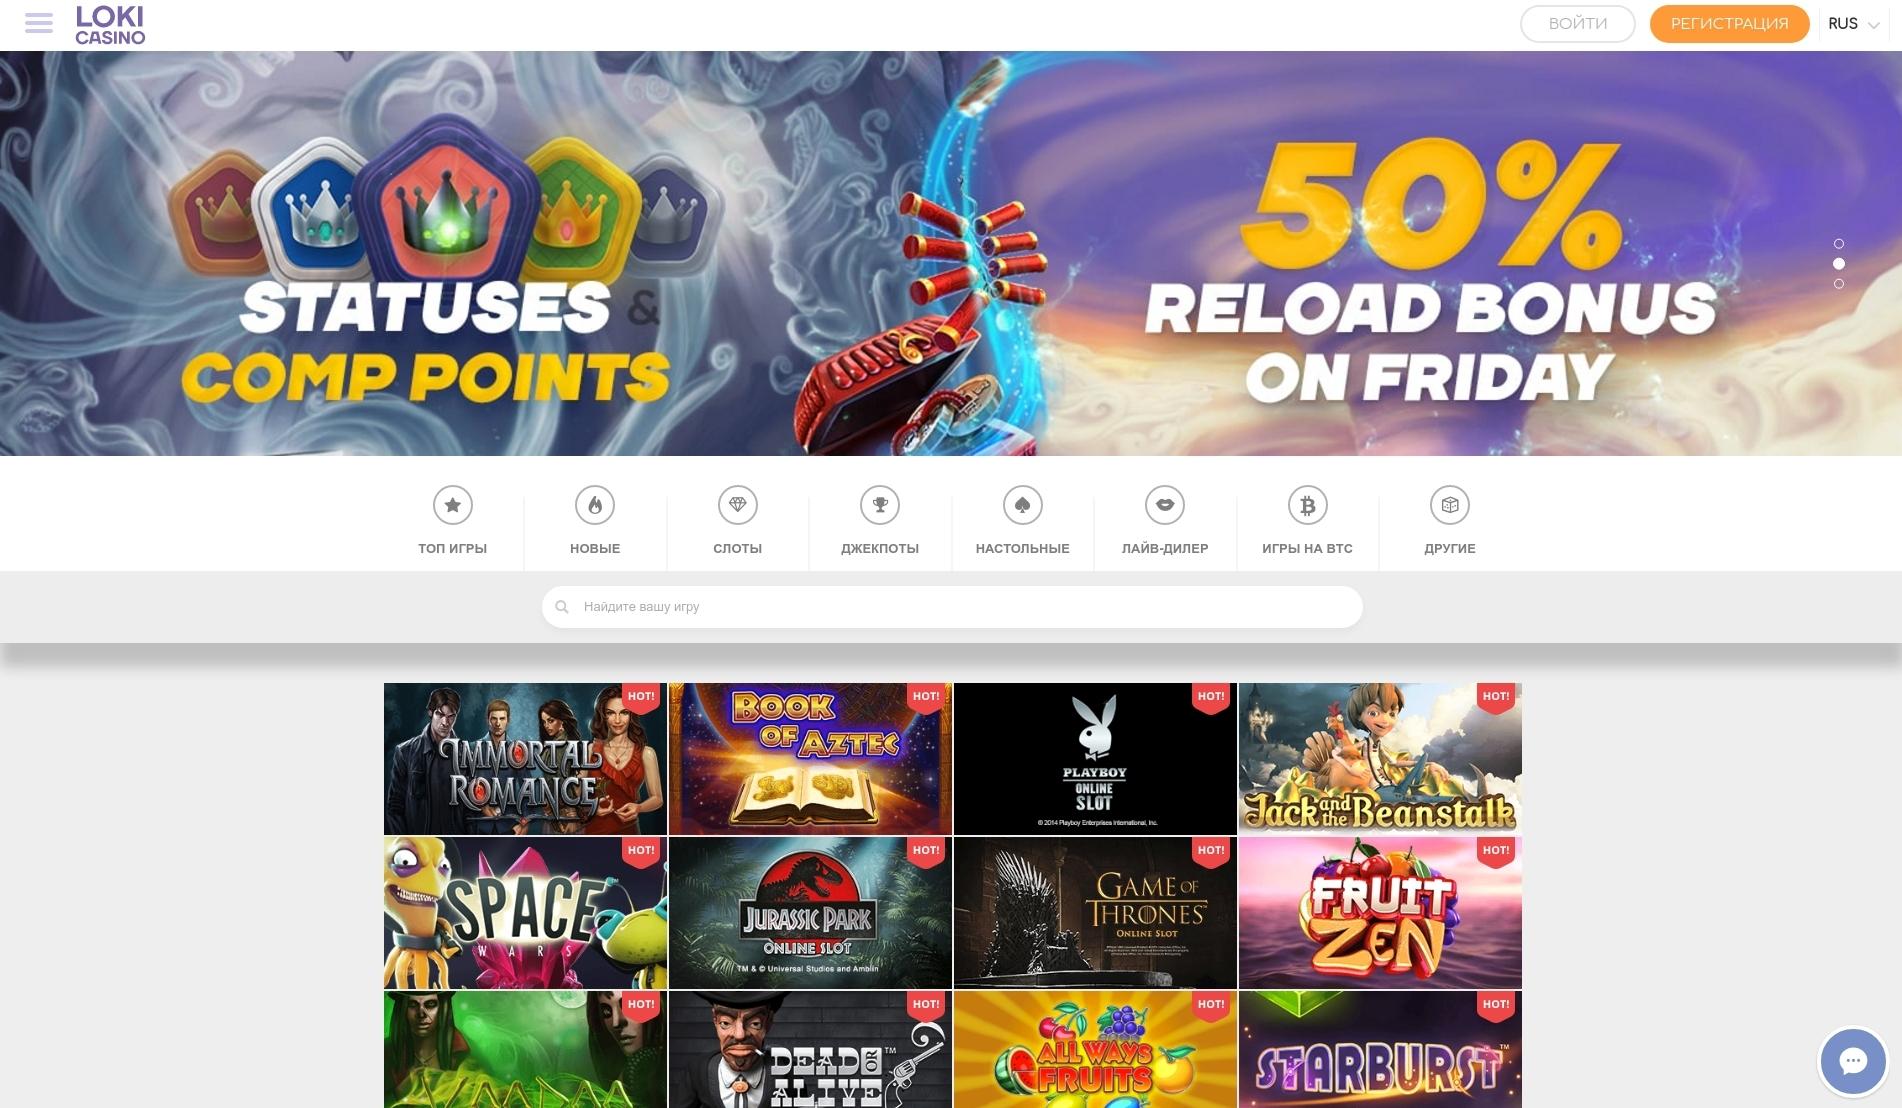 официальный сайт локи казино официальный сайт